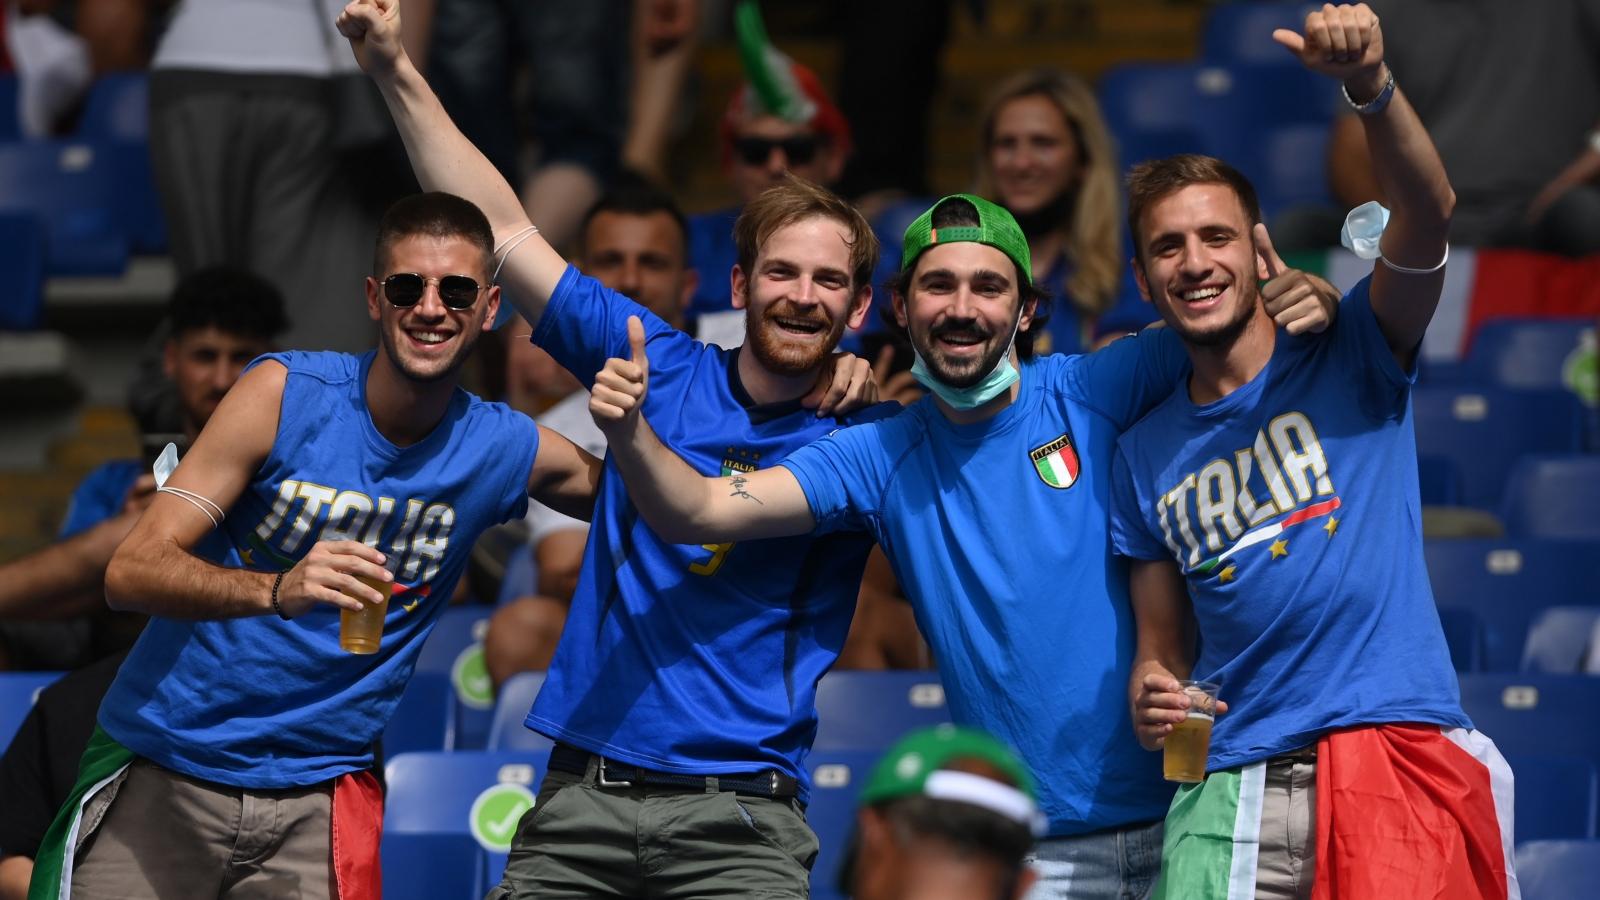 TRỰC TIẾP bóng đá Italia 0 - 0 Xứ Wales: Mọi ngả đường đều dẫn tới thành Rome